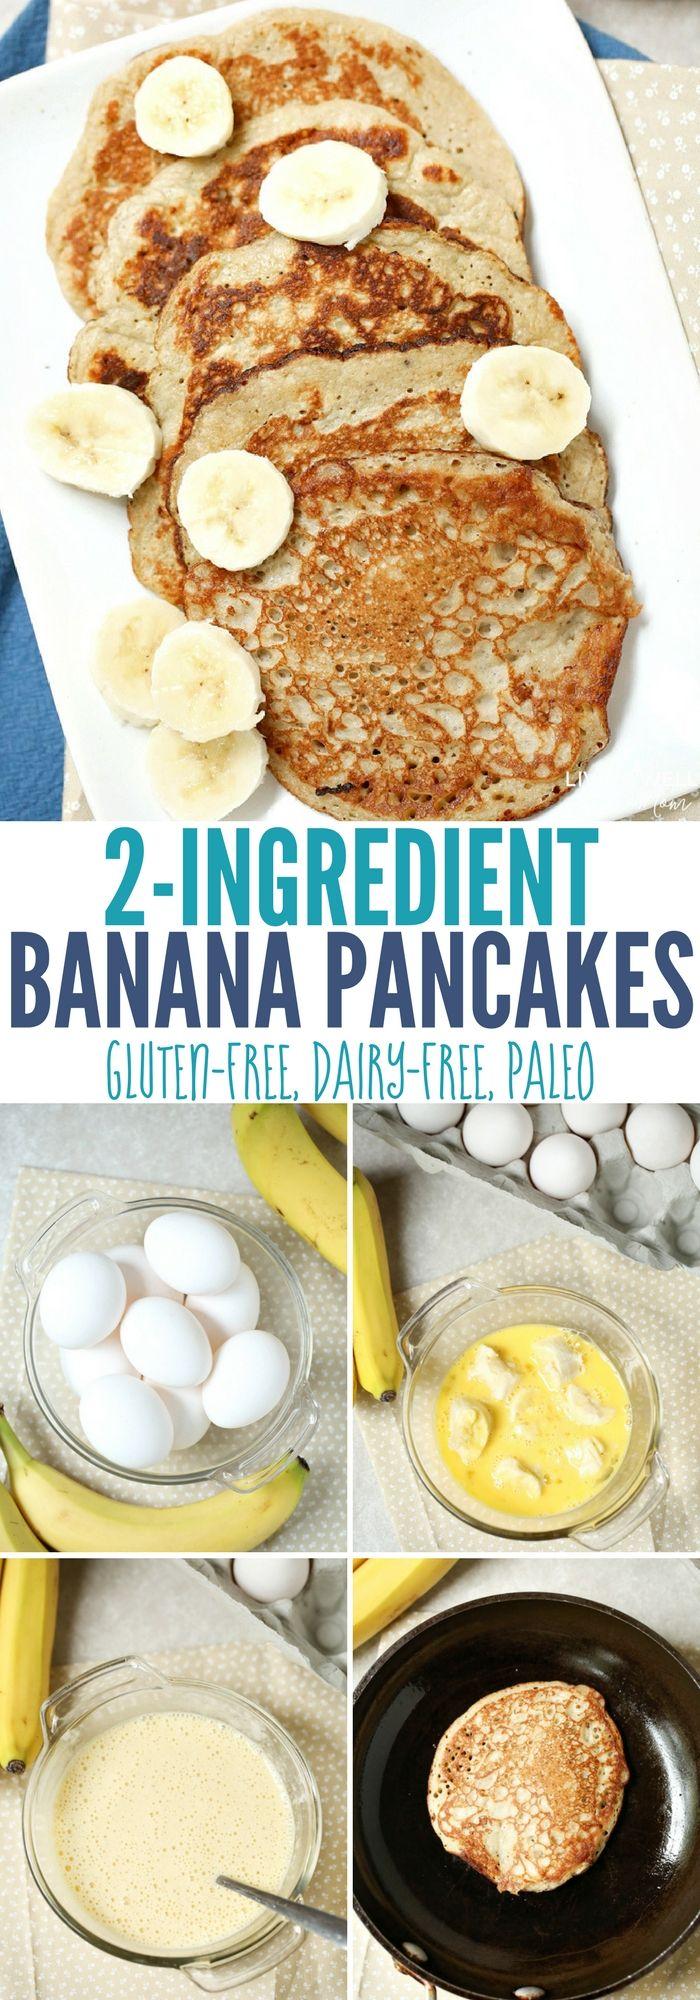 Photo of 2-Ingredient Banana Pancakes (Gluten-Free, Dairy-Free, Paleo)